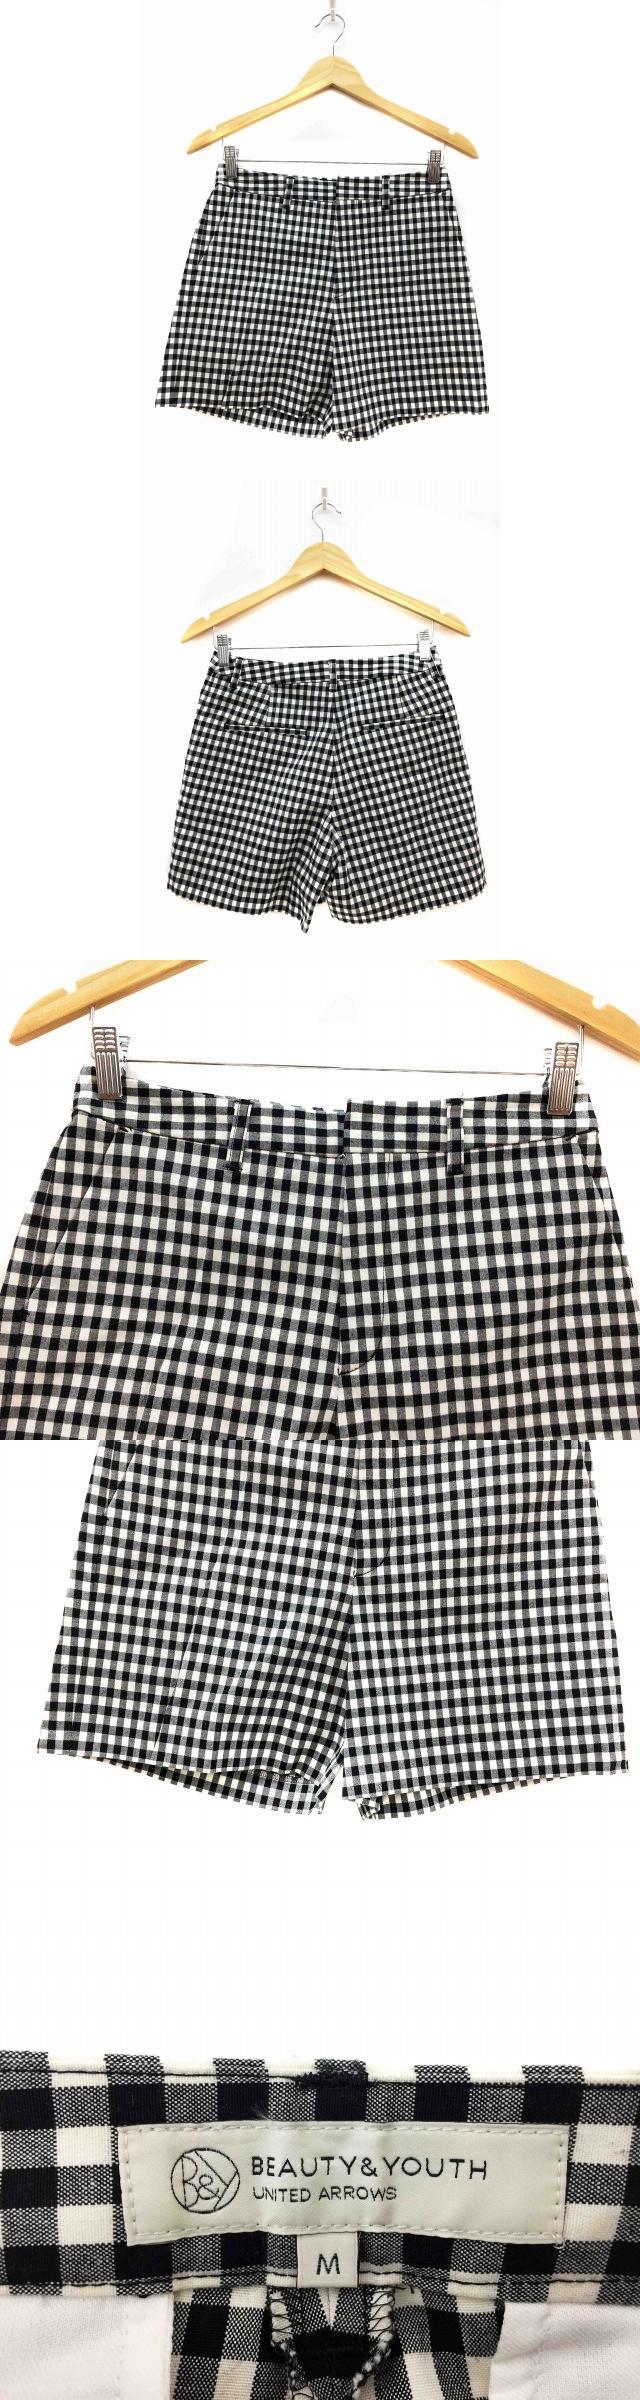 パンツ ショート キュロット ギンガムチェック M 白 ホワイト 黒 ブラック /FH74